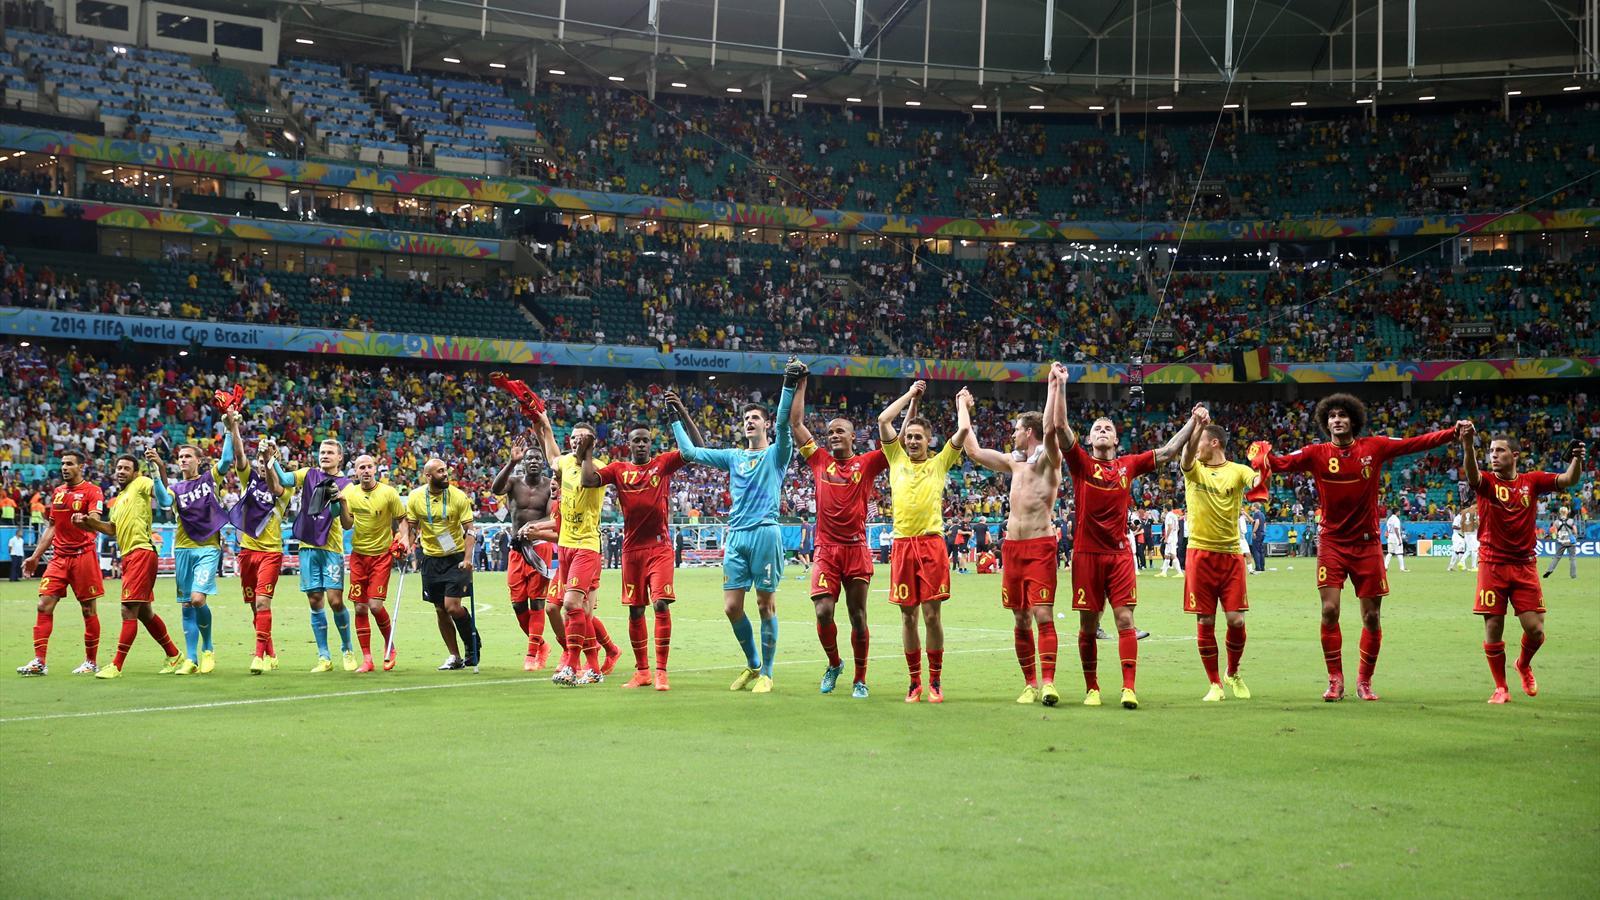 La belgique bient t premi re au classement fifa coupe - Classement qualification coupe du monde ...